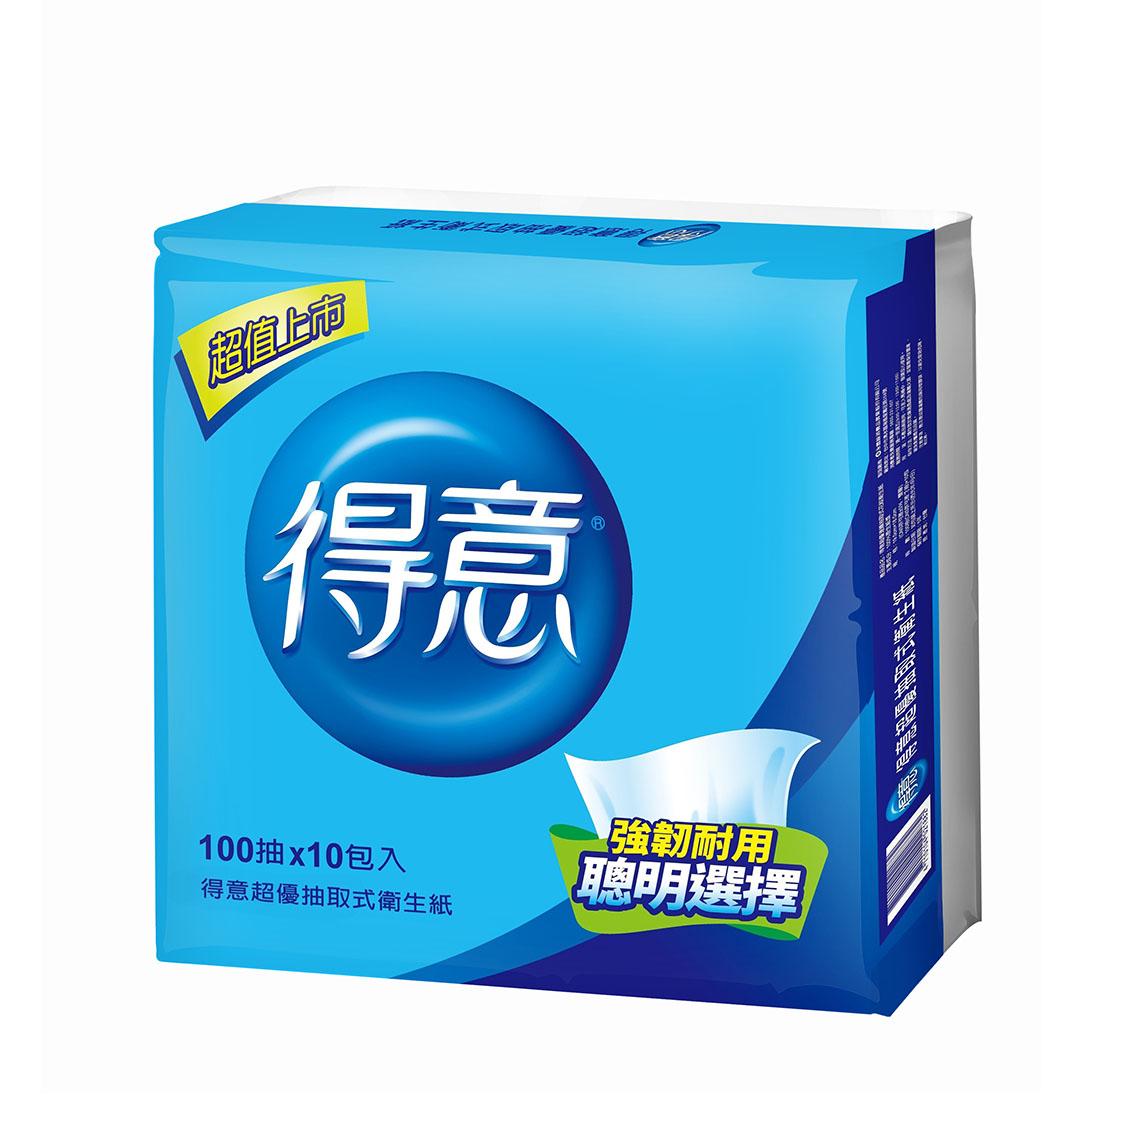 【得意】超優抽取式衛生紙100抽*10包*7袋/箱